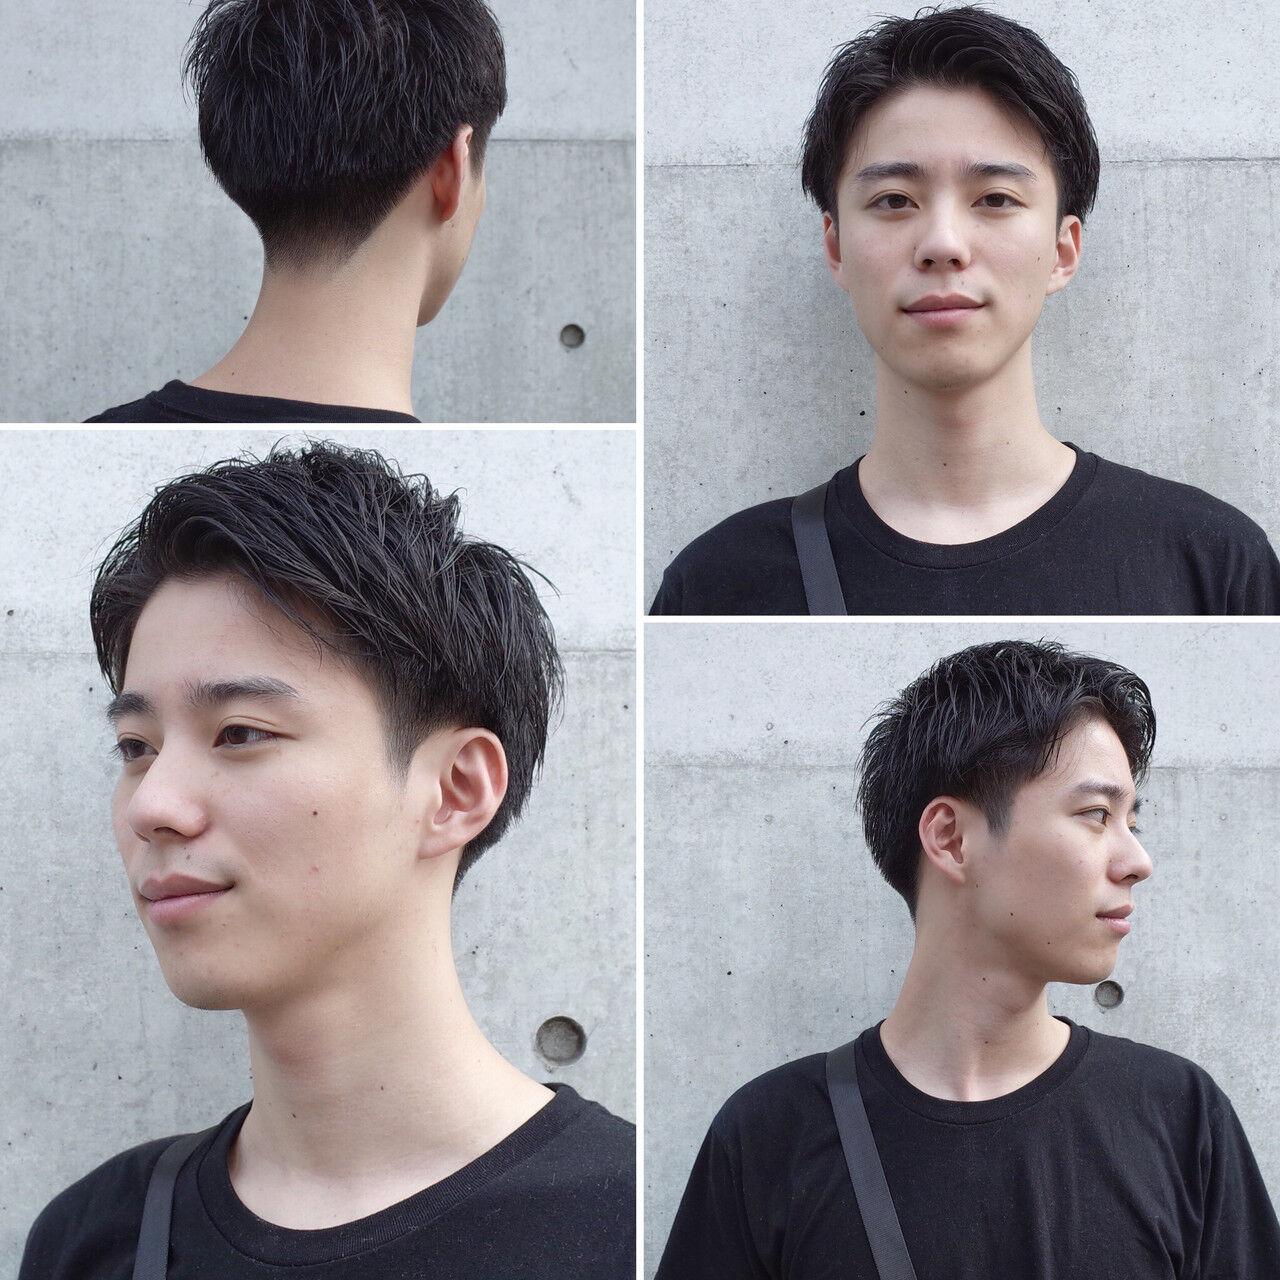 刈り上げ ナチュラル メンズヘア メンズショートヘアスタイルや髪型の写真・画像